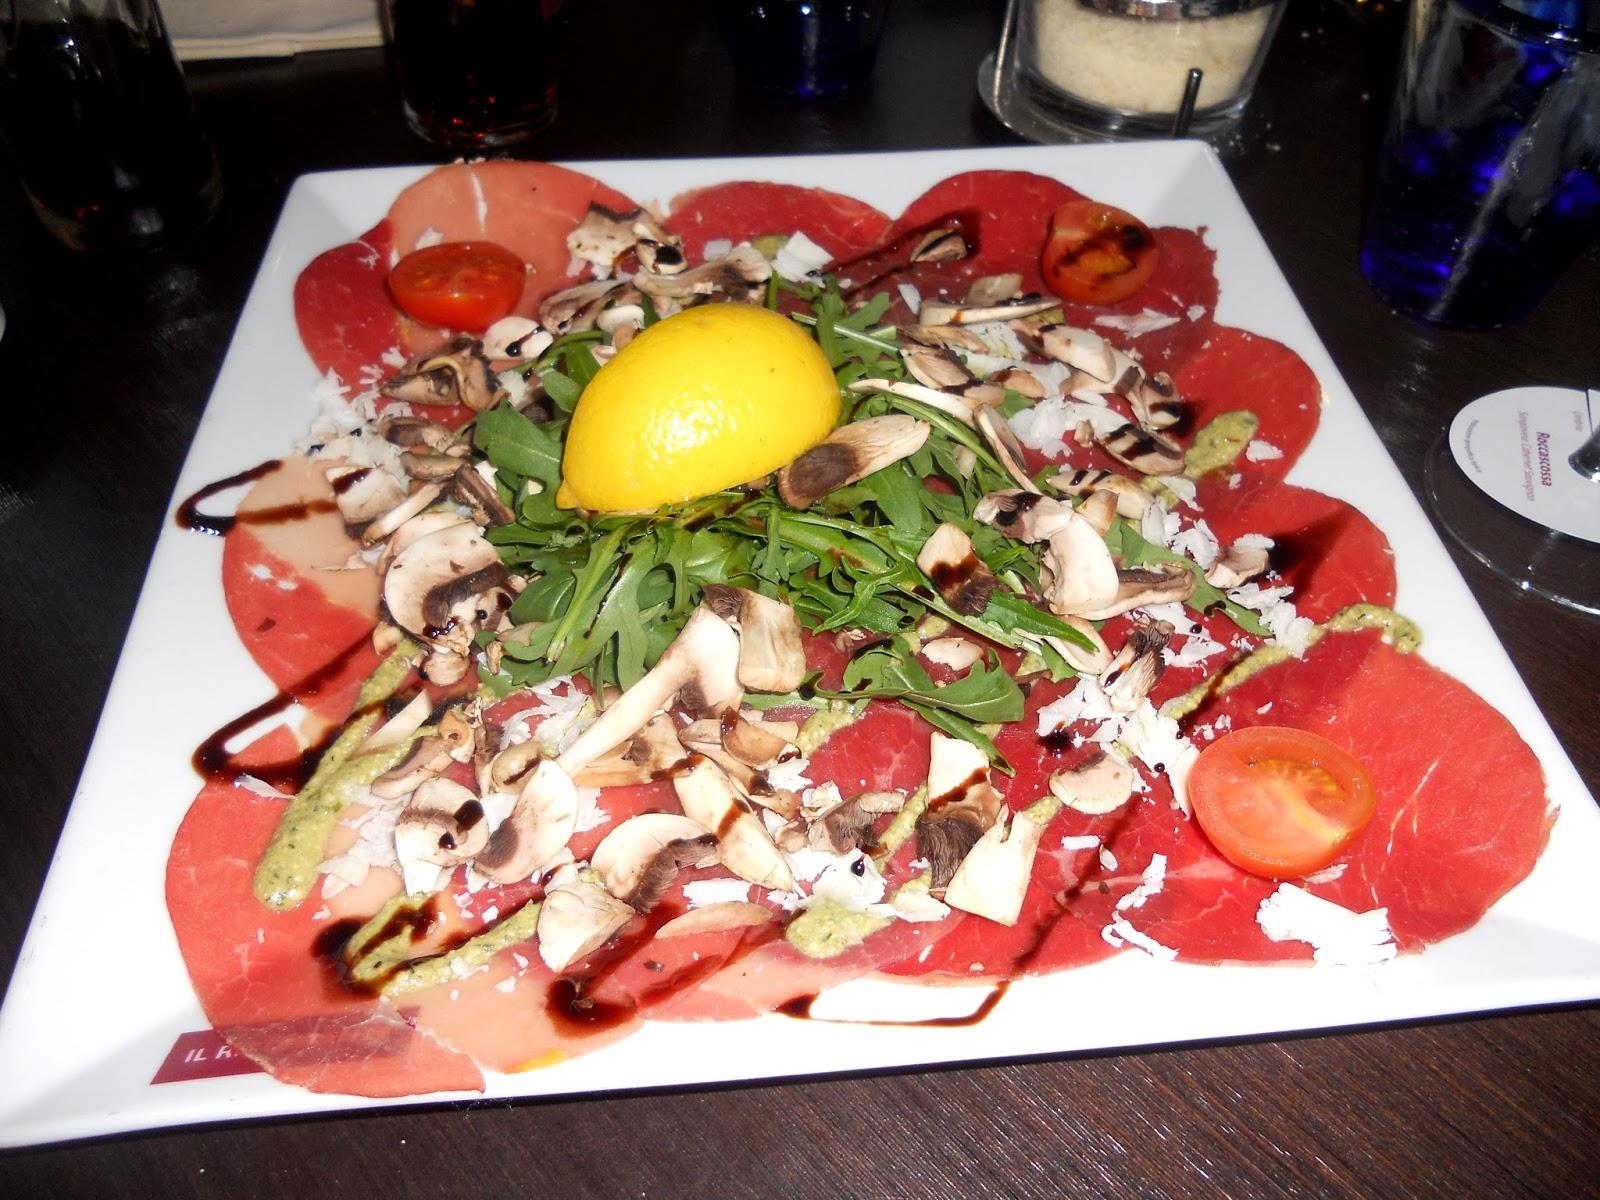 restaurant italien il ristorante, il ristorante lille prix, il ristorante lille menu, il ristorante lille avis